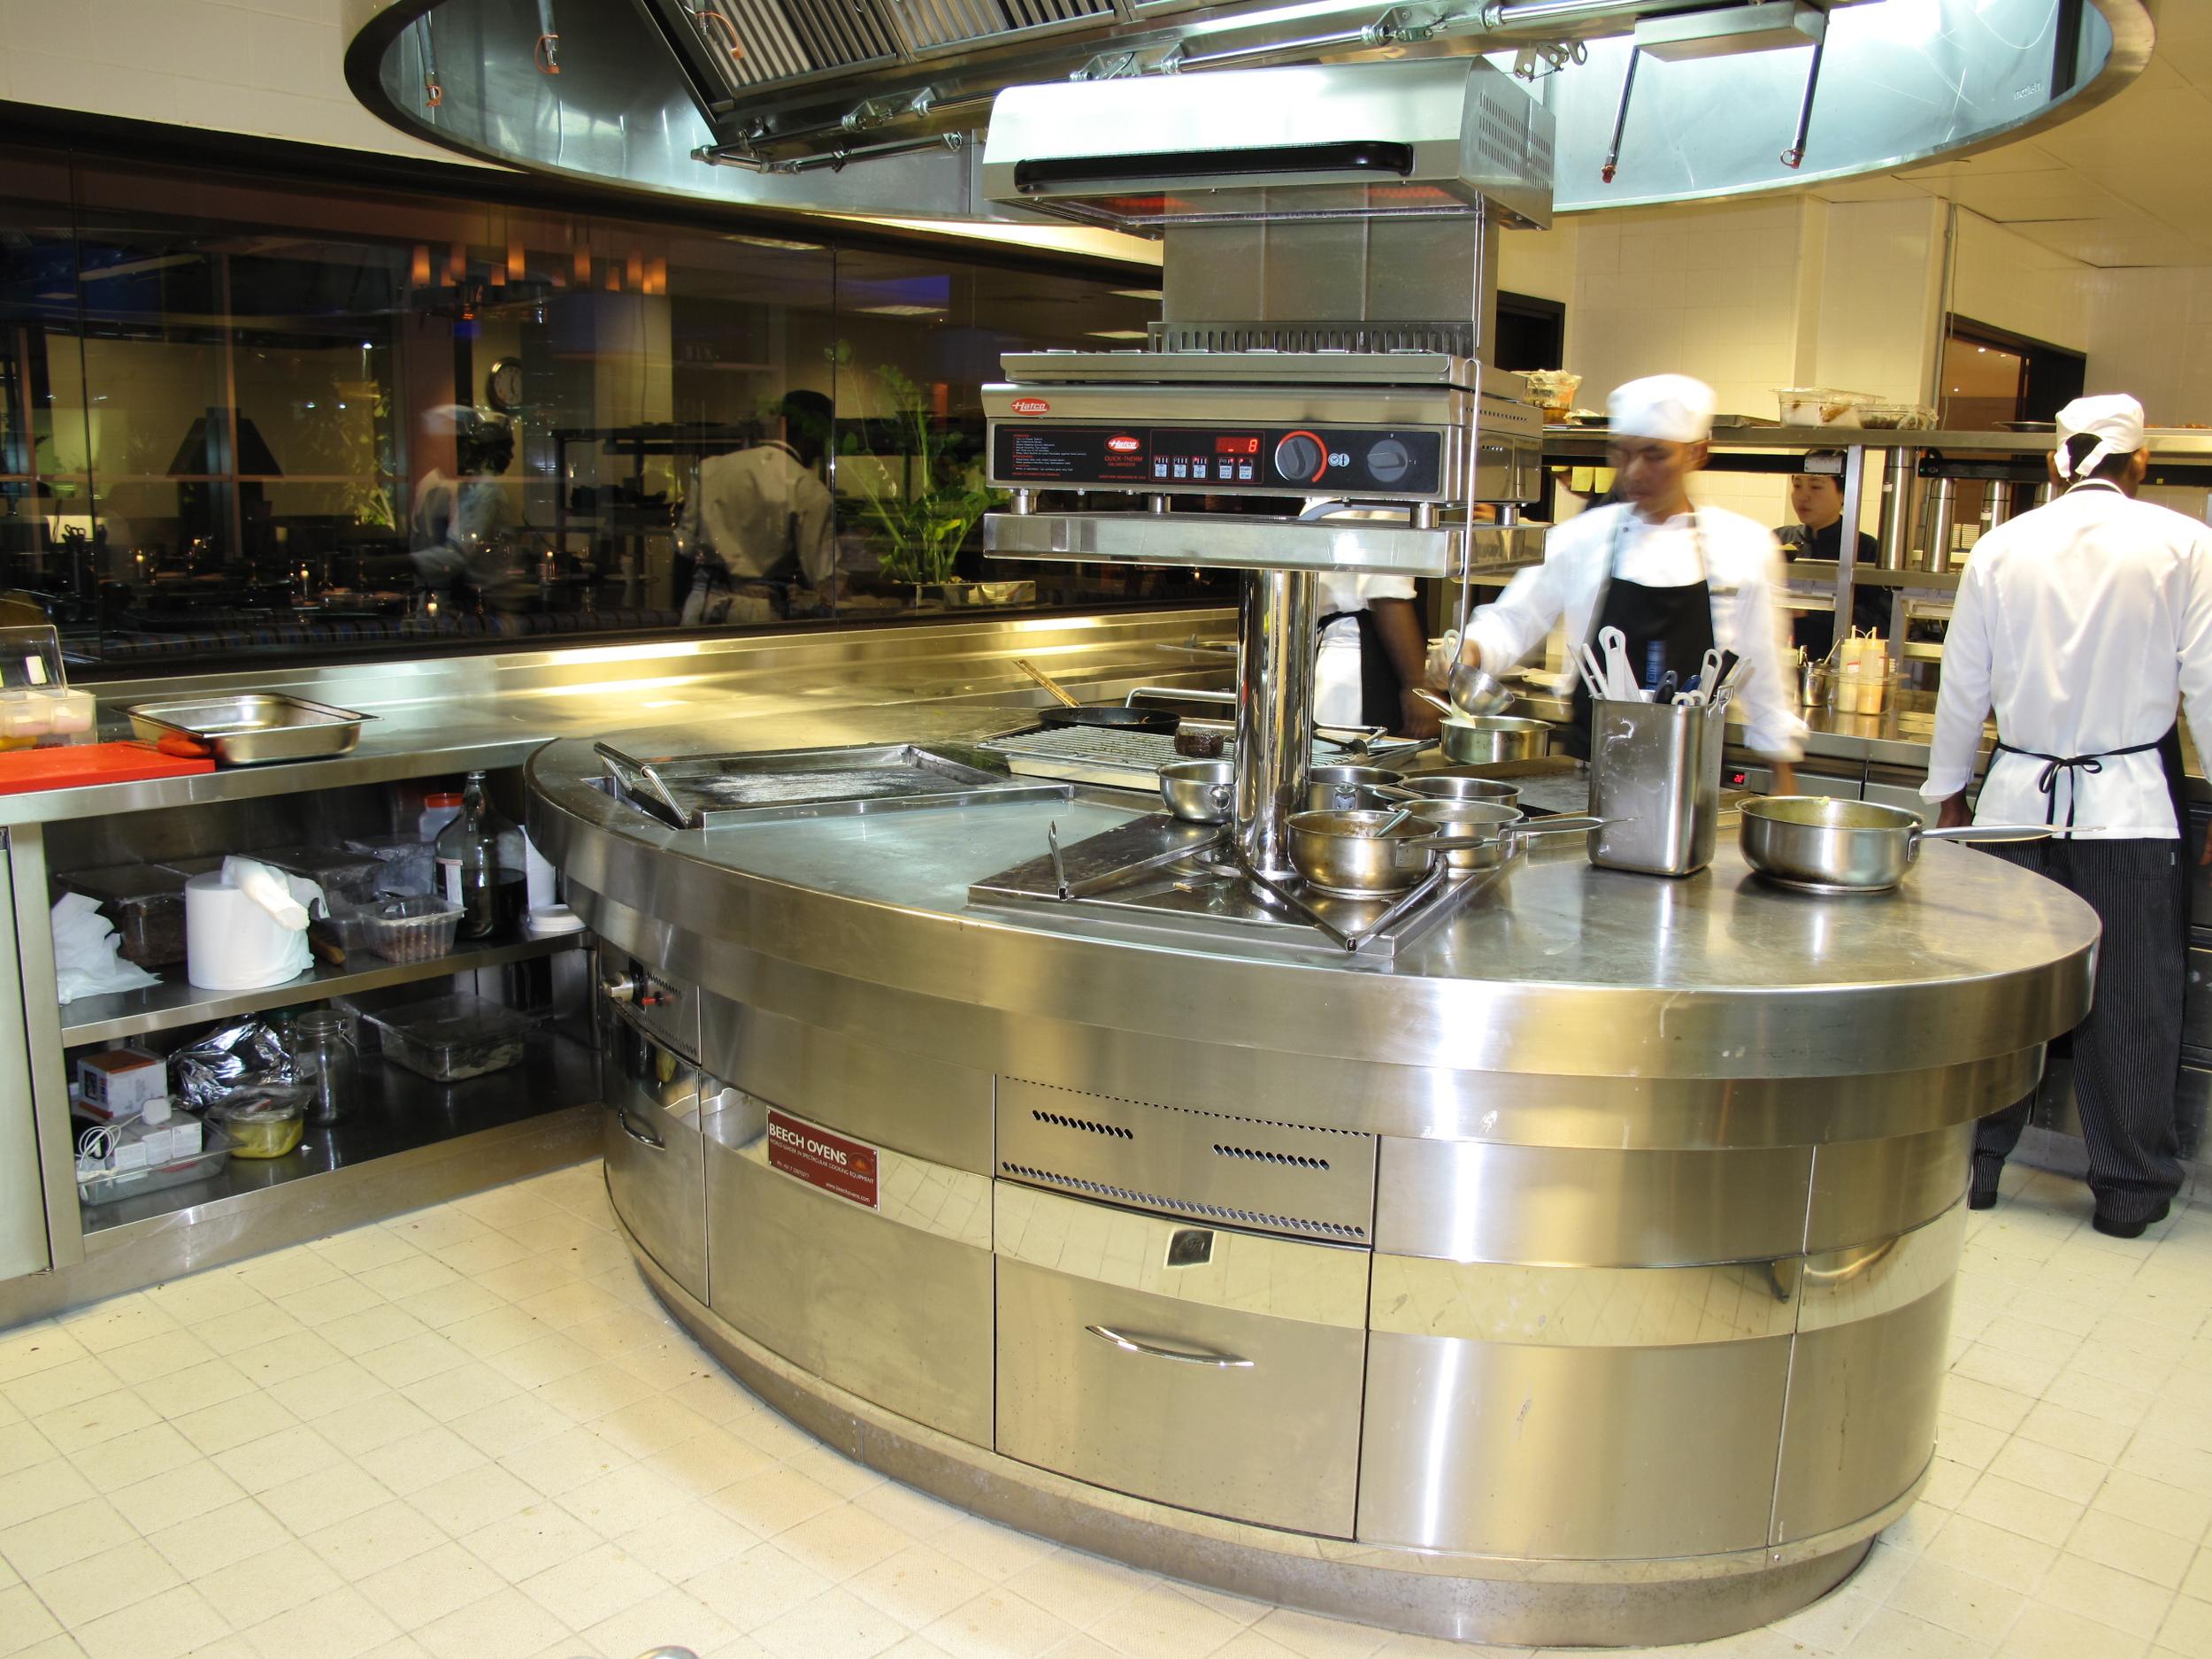 Yas Island Rotana Steakhouse Restaurant.JPG